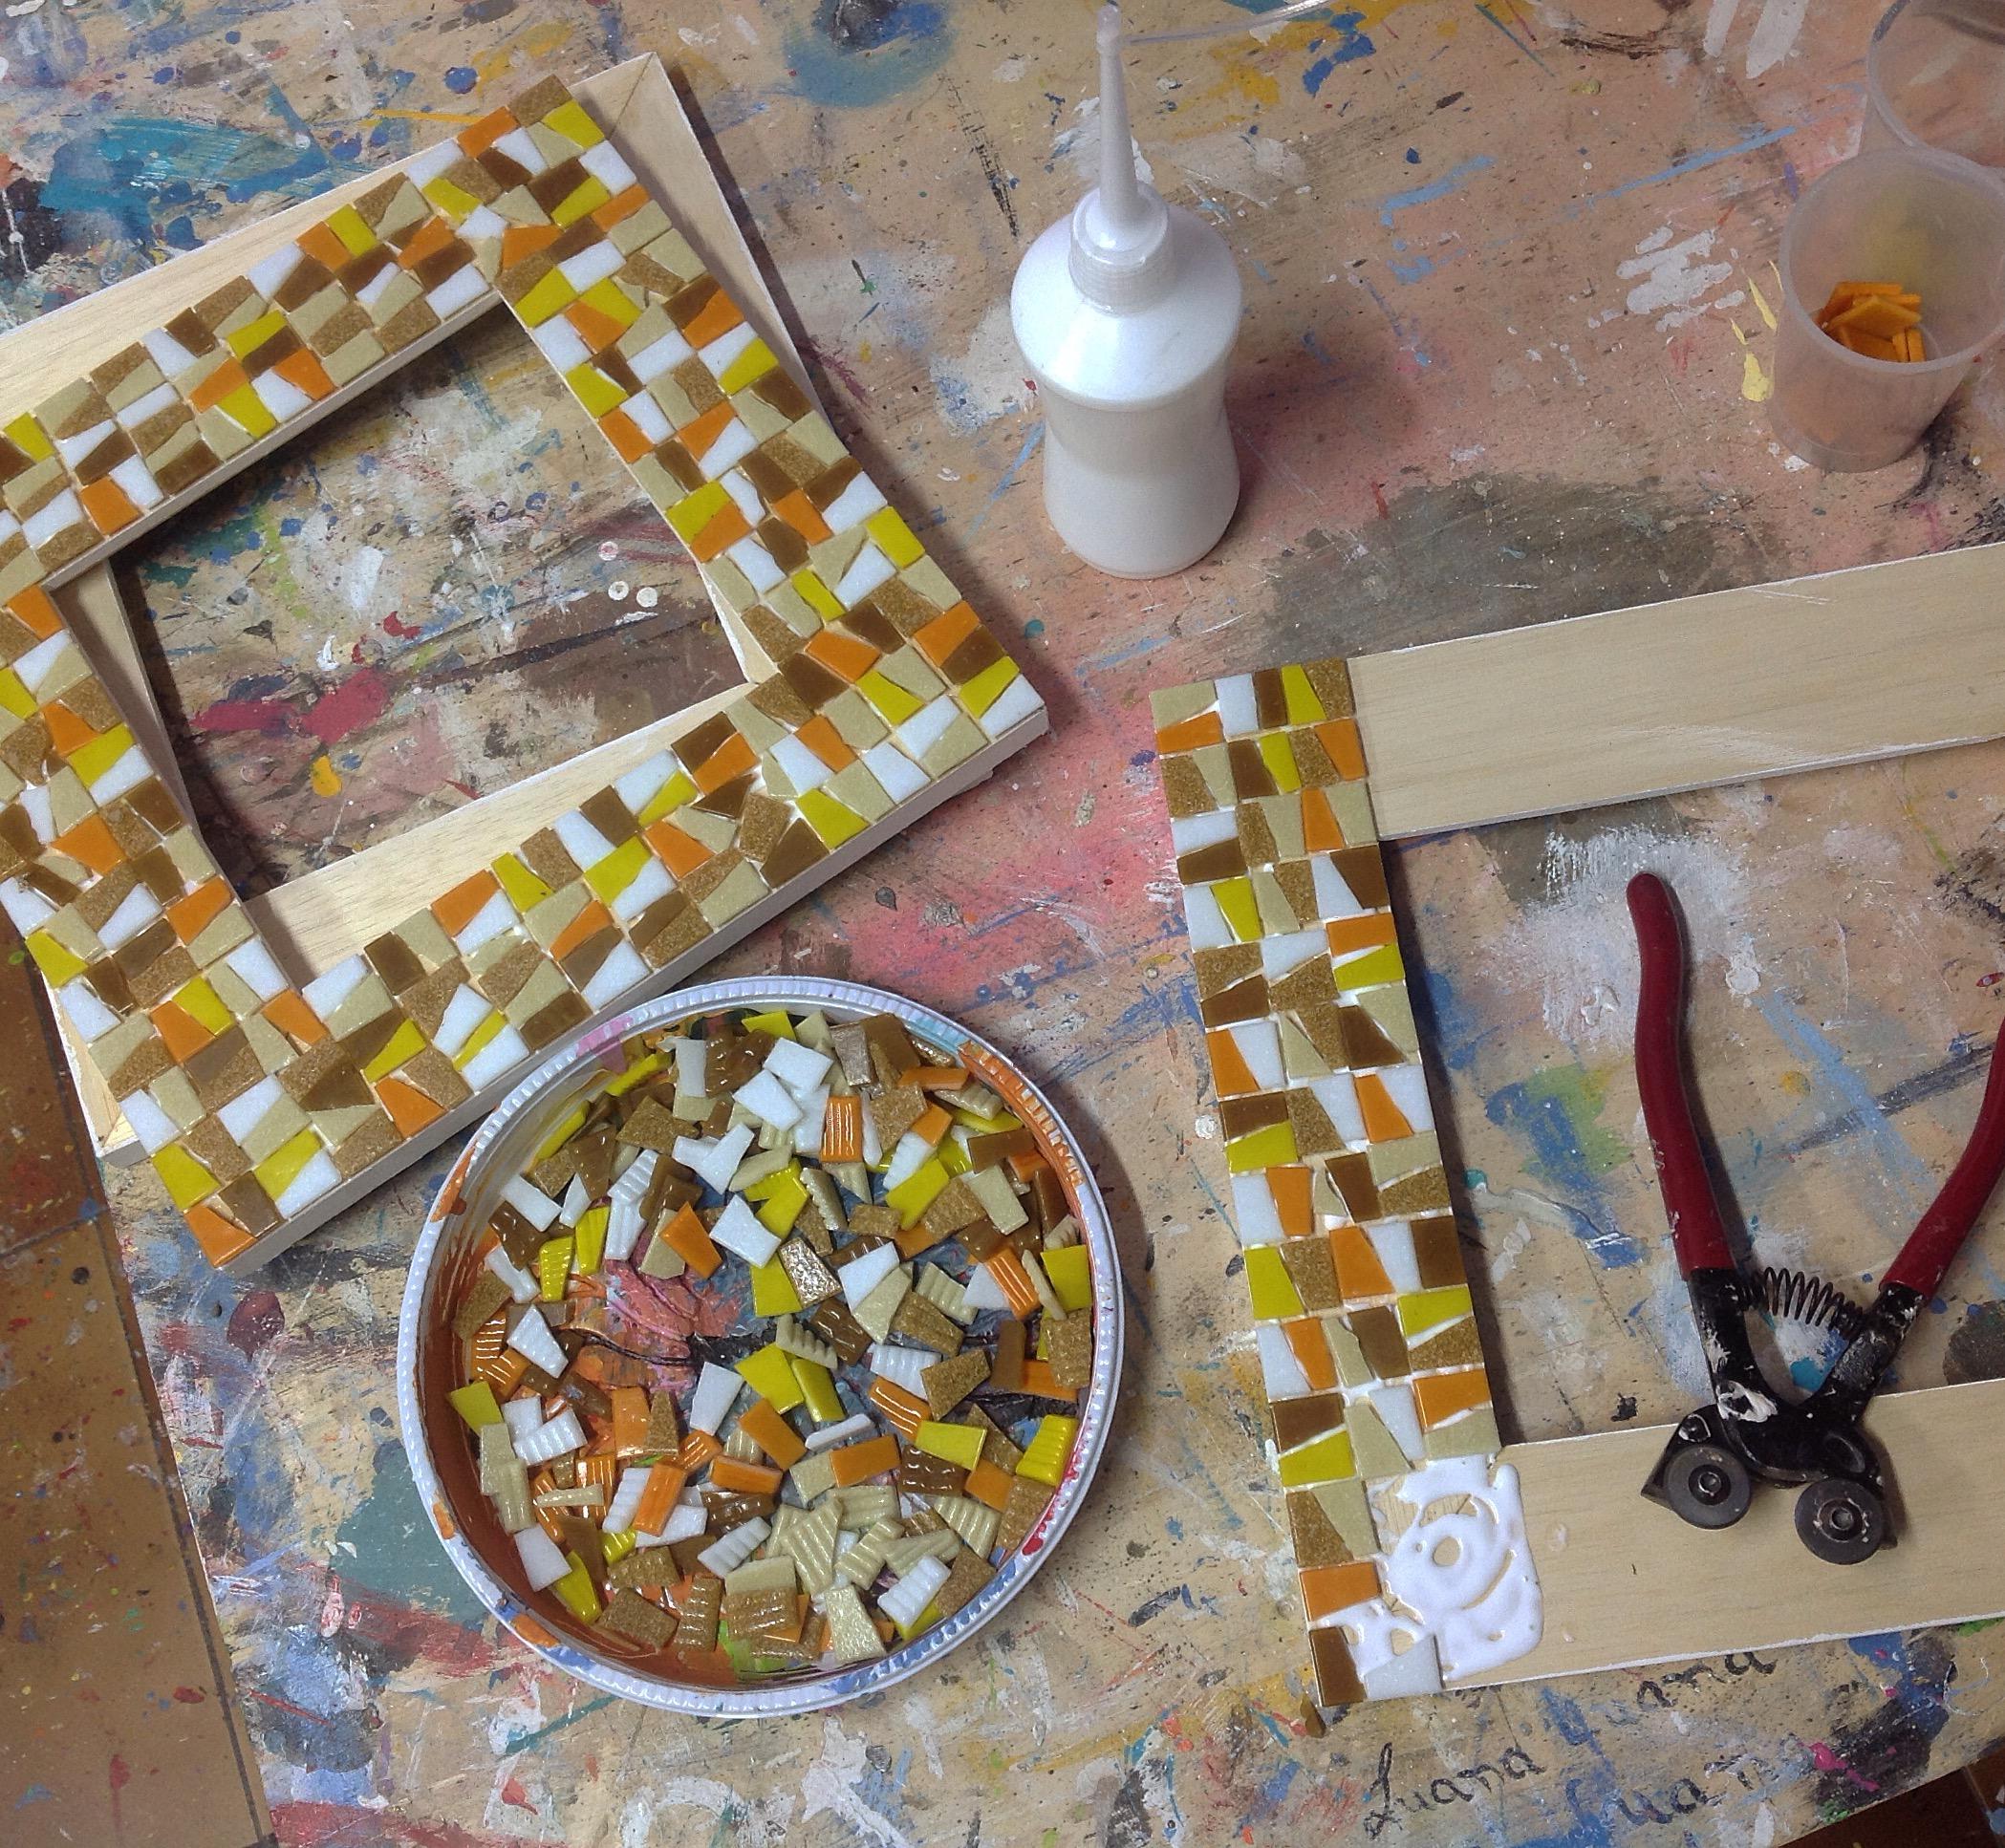 Moldura de mosaico alunas caixote e periscope #vlog – Além da Rua  #AC7B1F 2098x1934